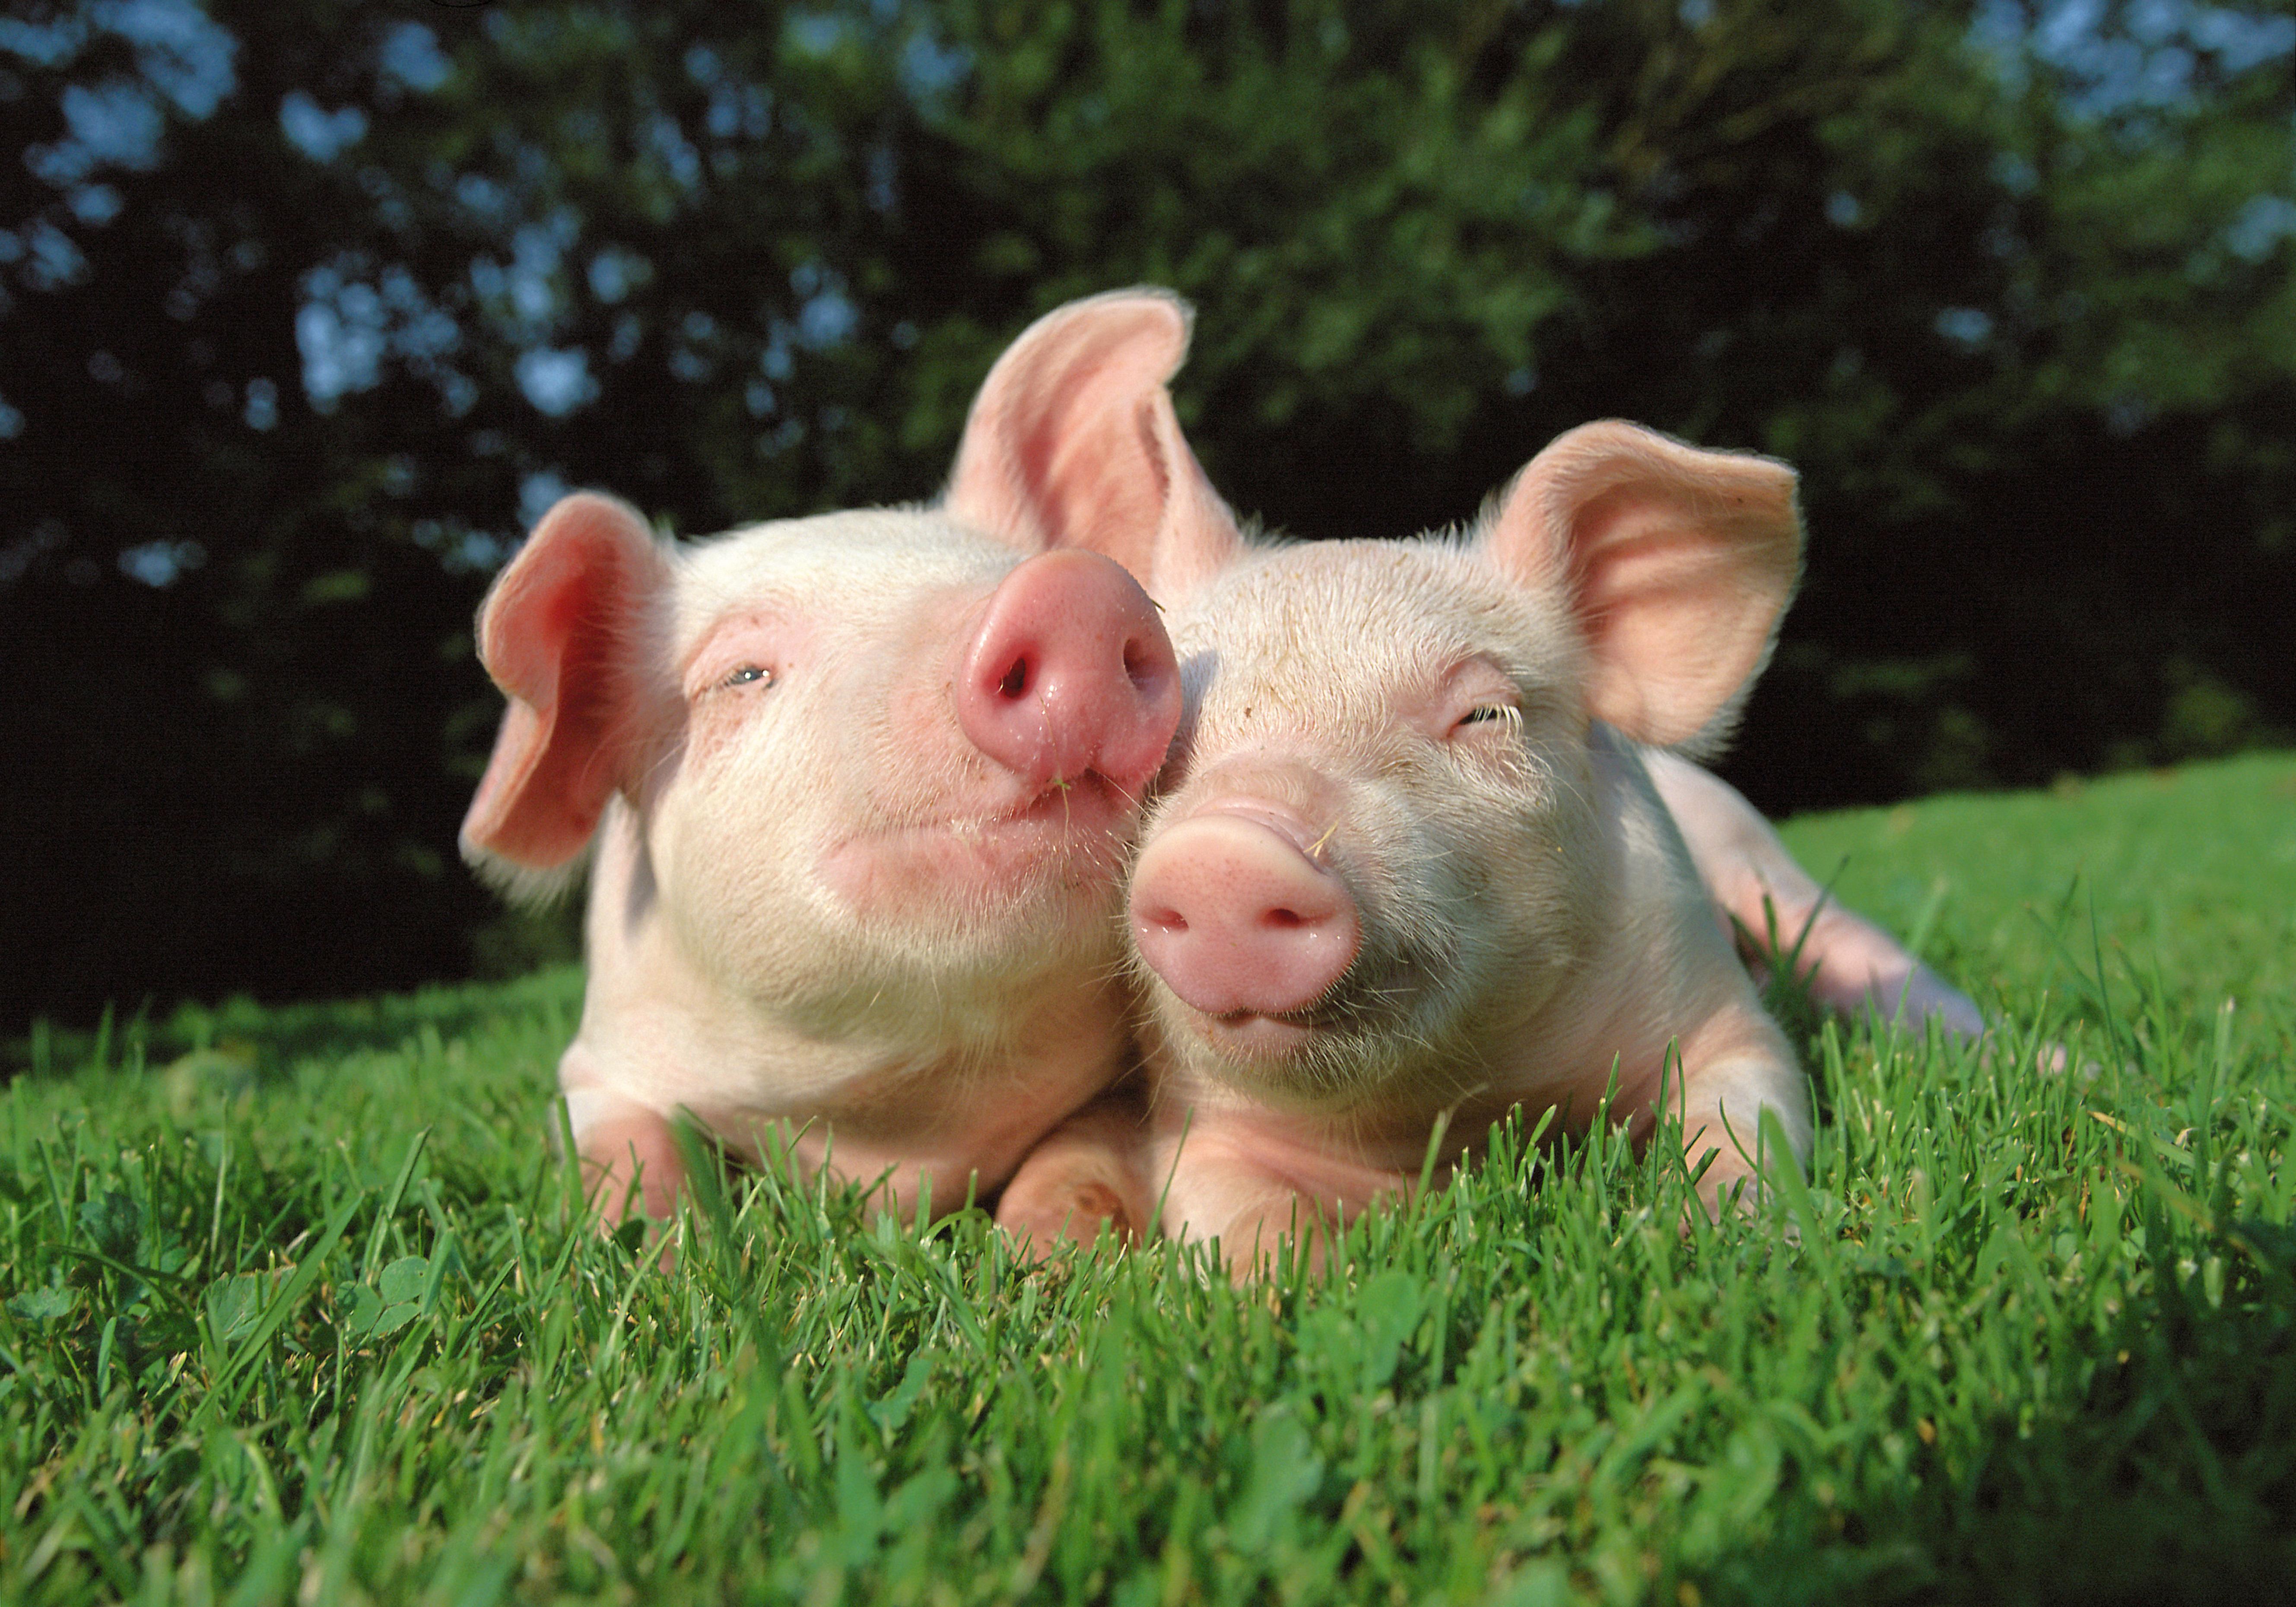 лилии картинки свиней с поросятами каком году входа